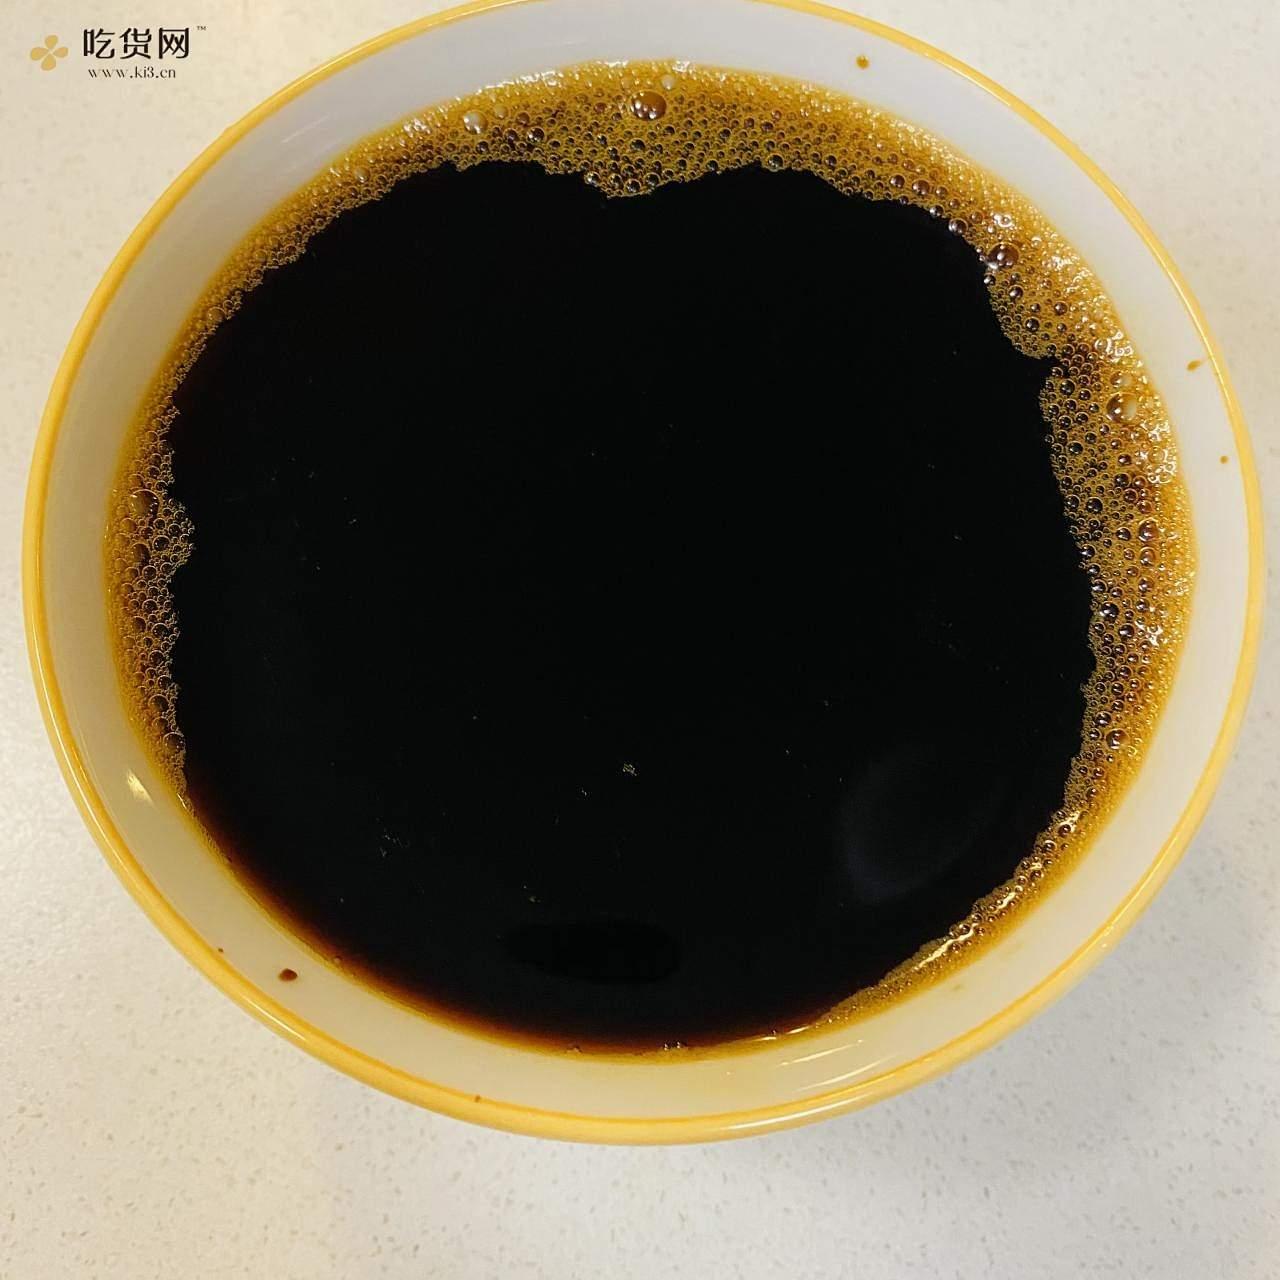 糖醋排骨(简单版)的做法 步骤4